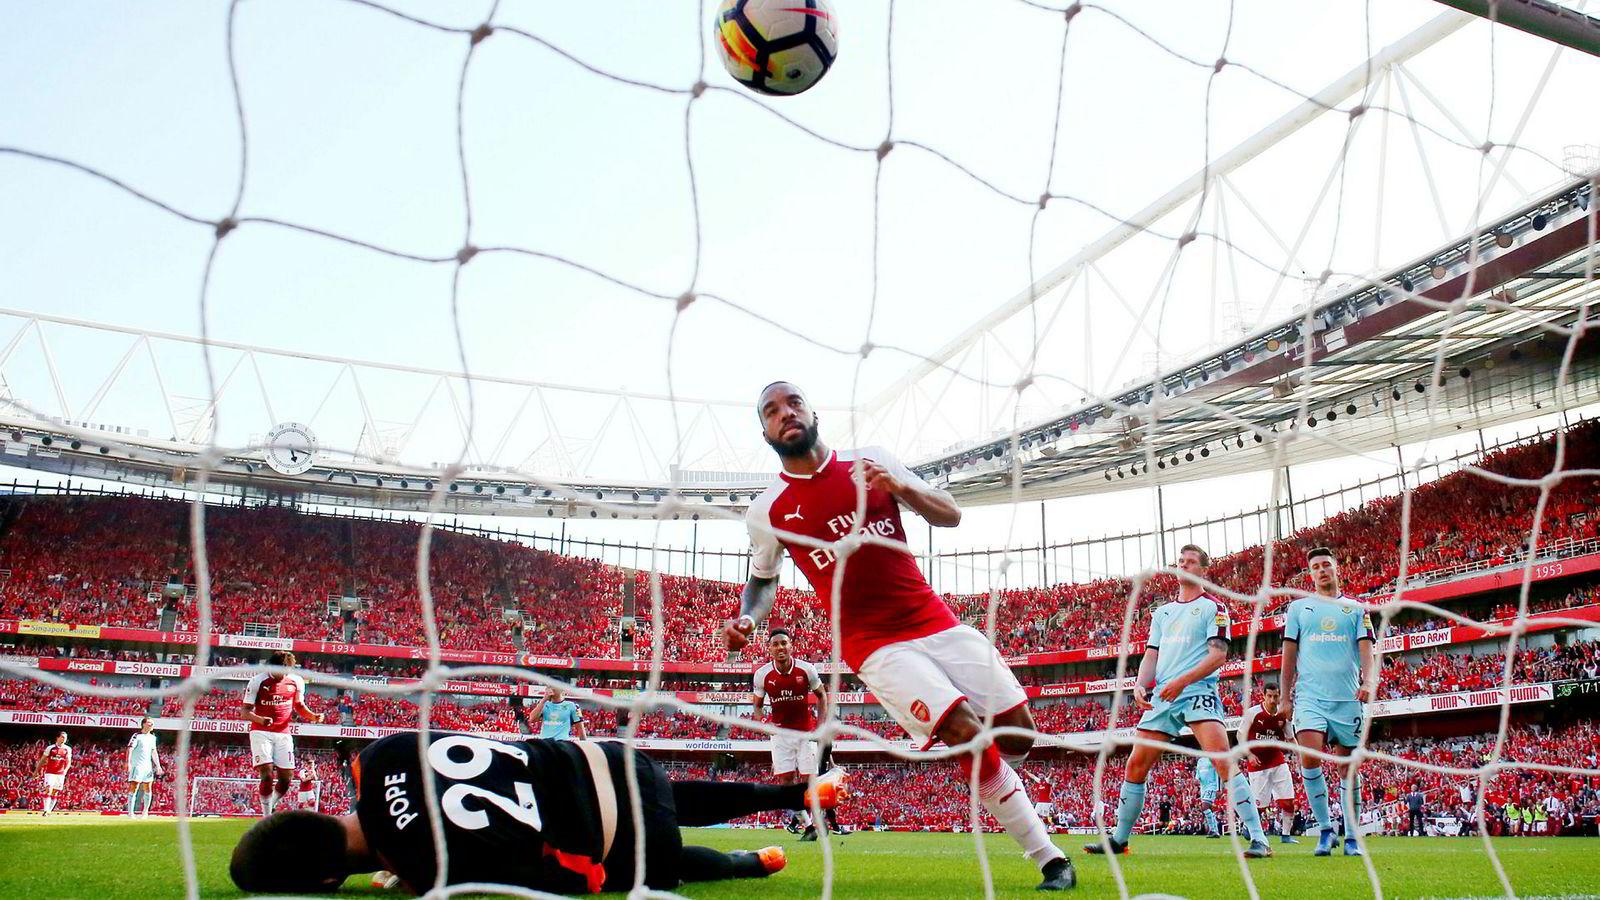 Arsenals stjernespiss Alexandre Lacazette er en av Premier League-profilene som kan bli å se på den amerikanske strømmetjenesten Amazon Prime i Storbritannia neste år.